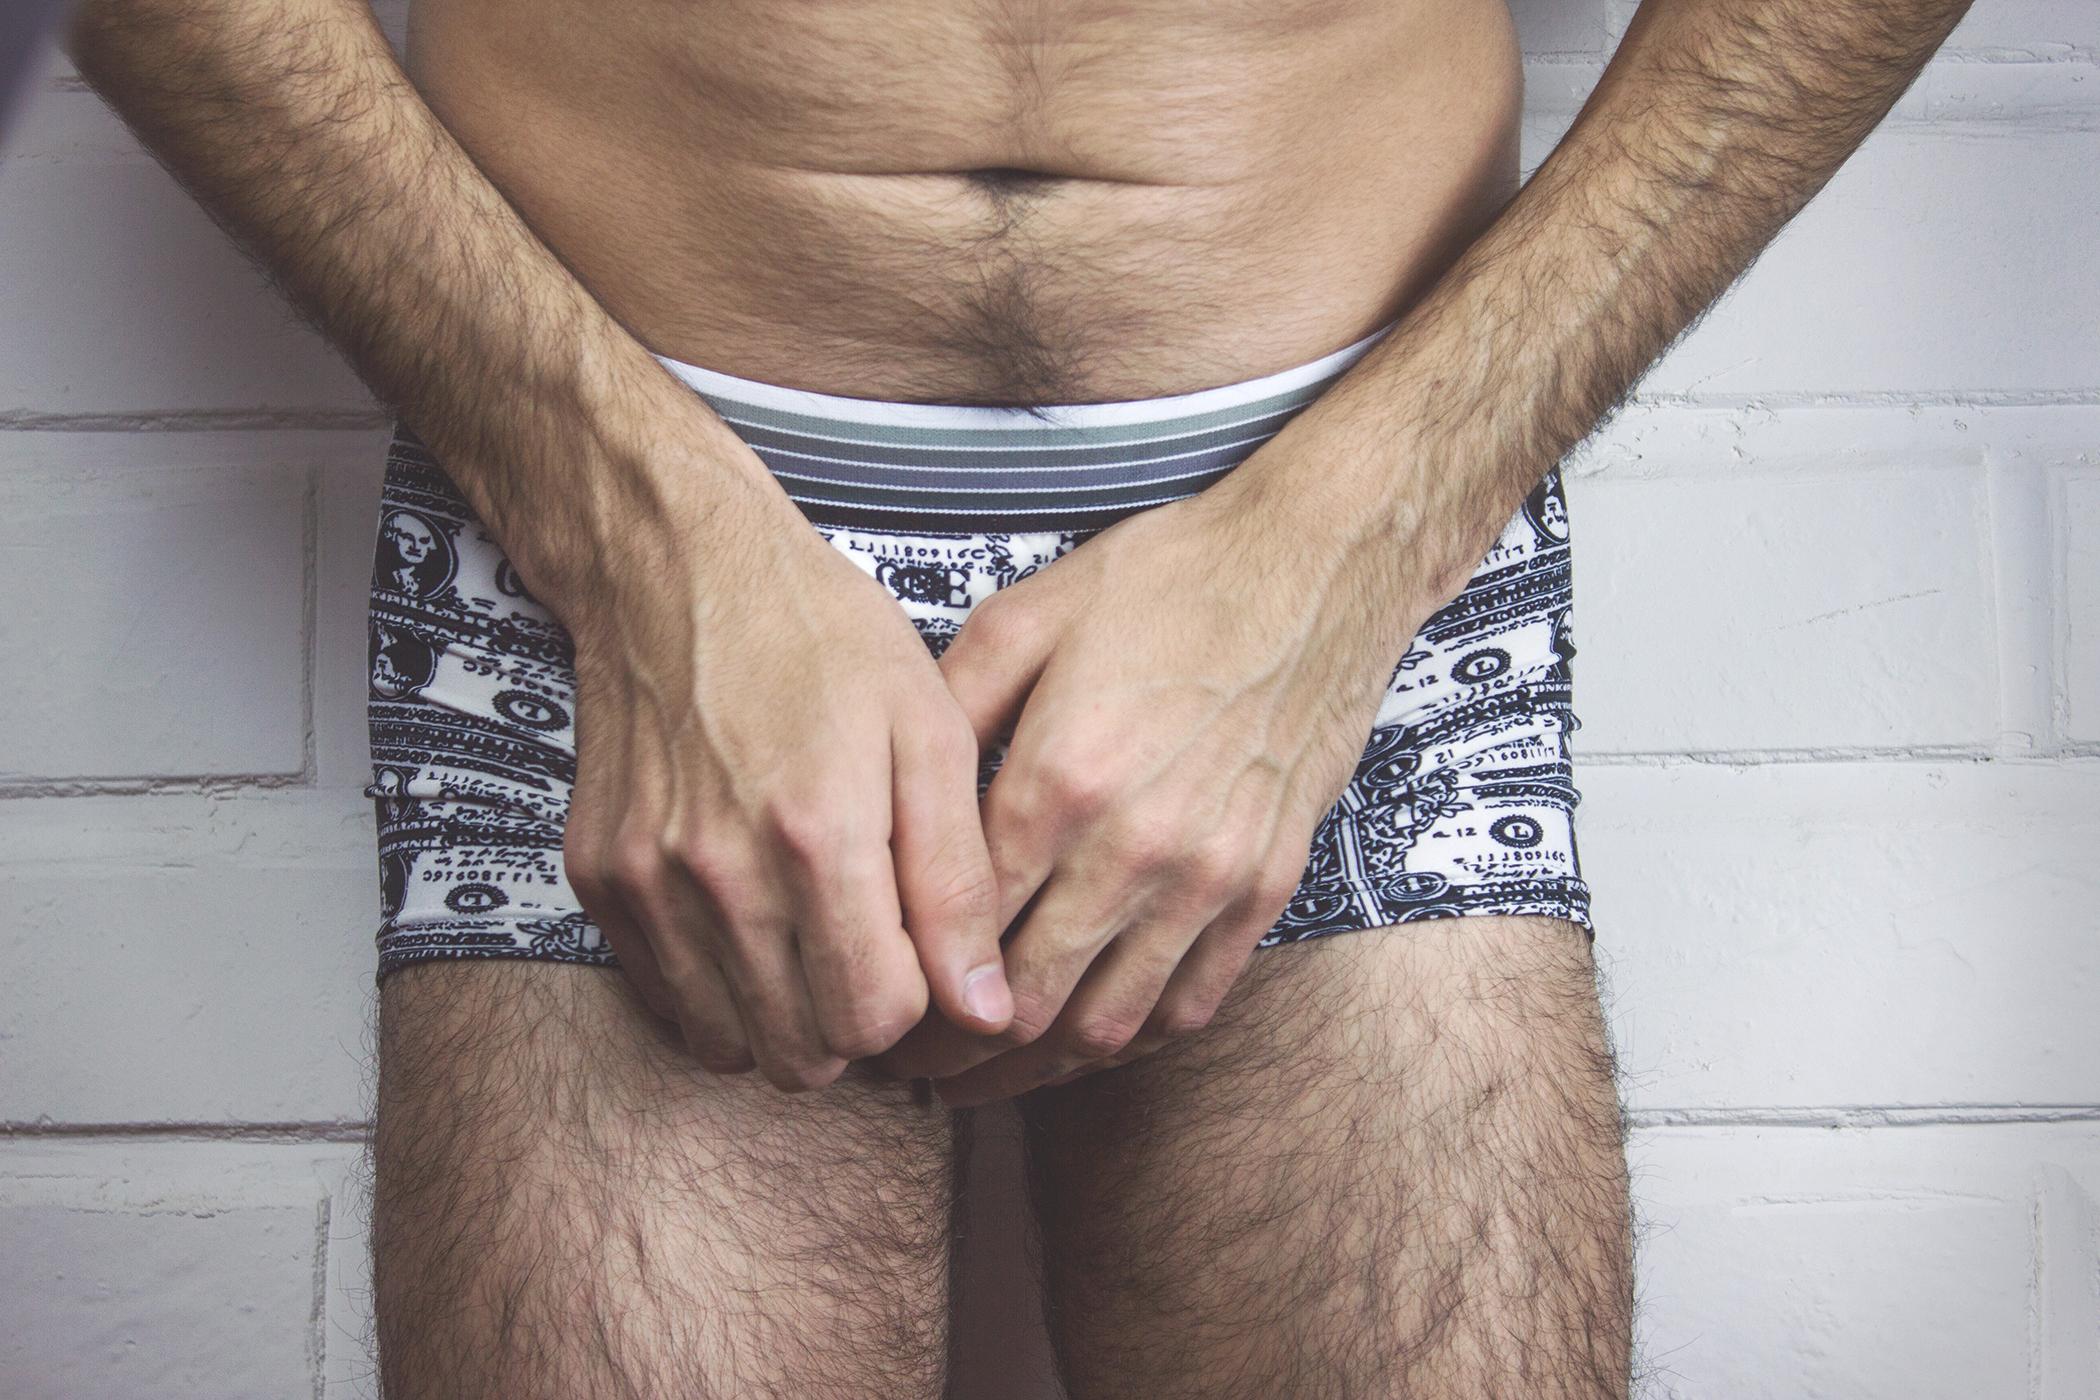 Vásárlás: EXS Condoms Boys Own 50db Óvszer árak összehasonlítása, Boys Own 50 db boltok